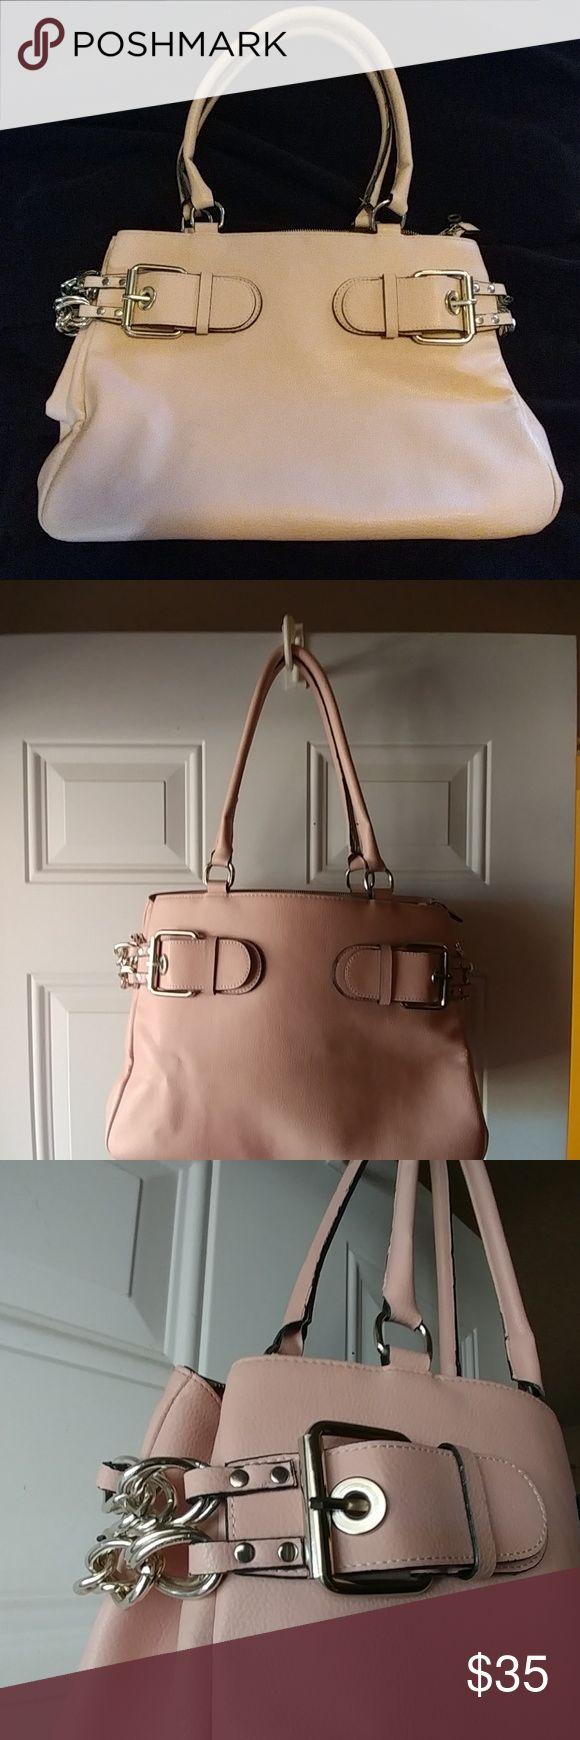 Portemonnaie Pink über der Schulter Portemonnaie mit viel Platz drin. Wie neu …